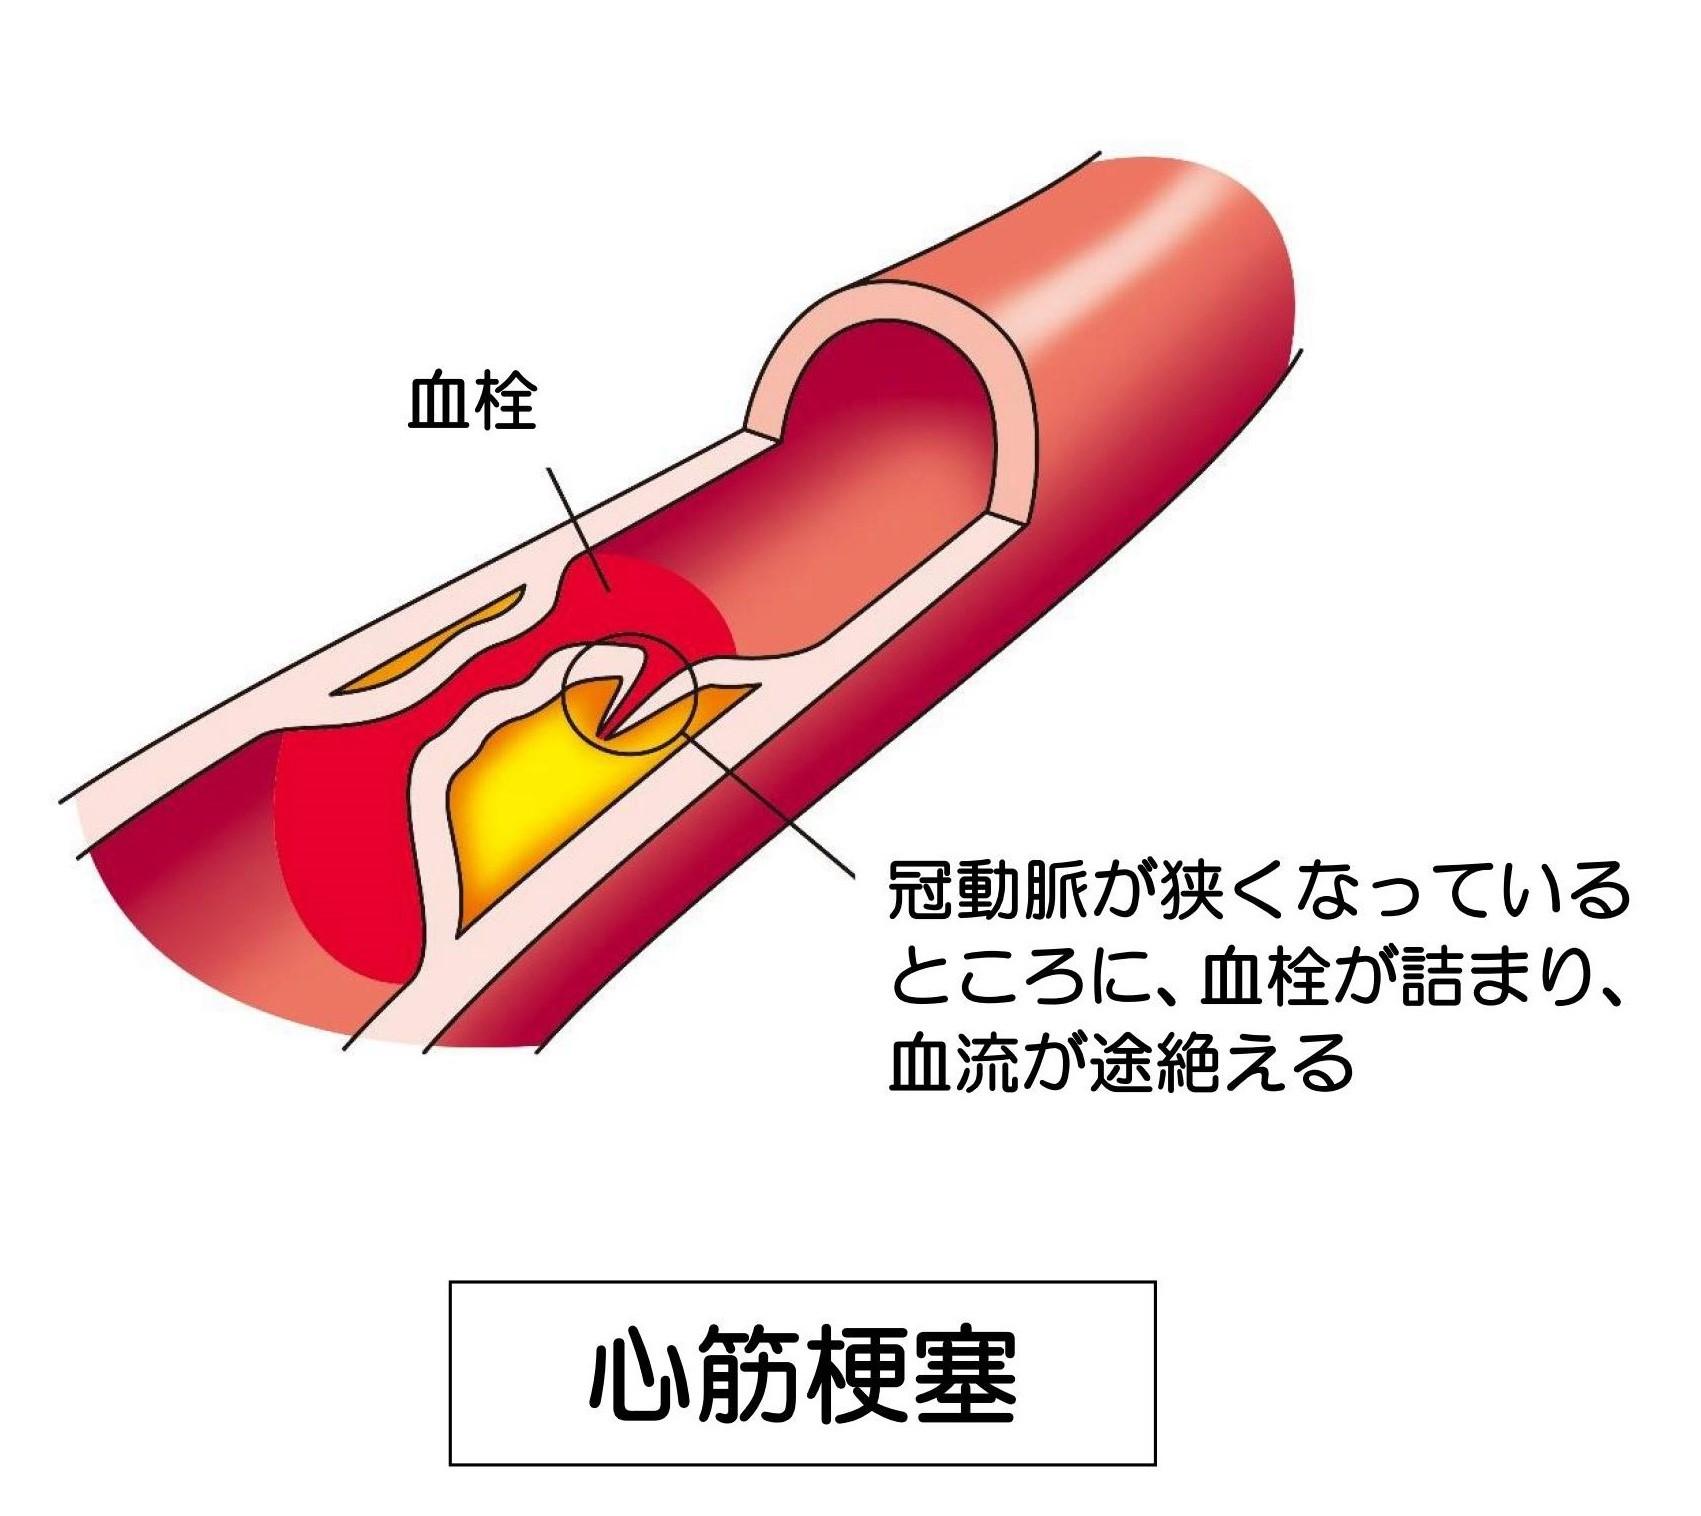 皮 チン 子 イボ の